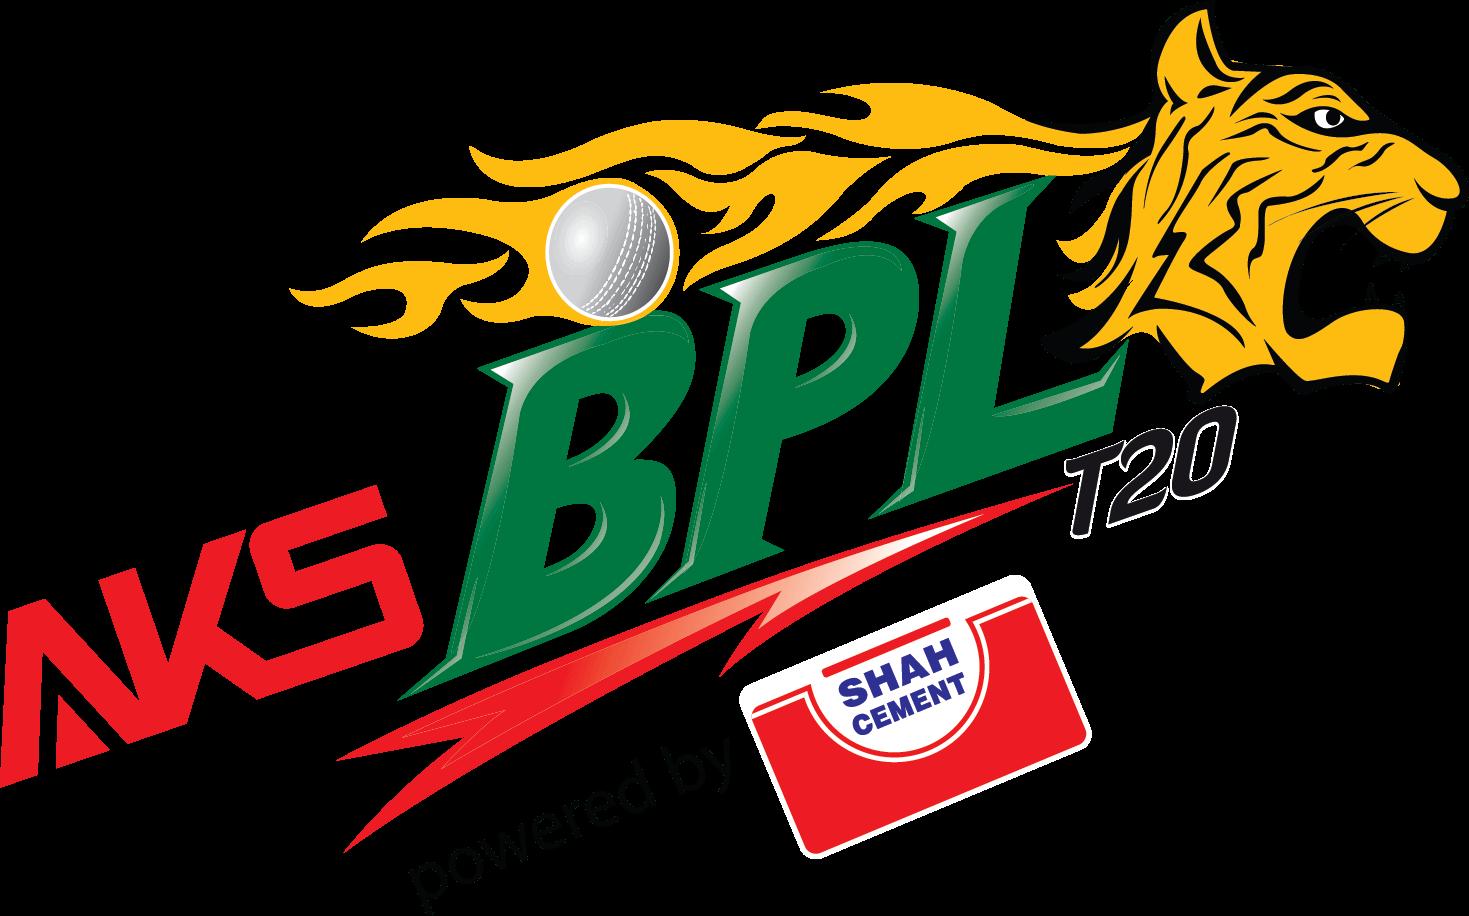 शर्मनाक: बांग्लादेश ने फिर किया क्रिकेट को शर्मसार, मैच के दौरान क्रिकेट स्टेडियम में ही ये शर्मनाक काम करते पकड़ा गया बोर्ड अधिकारी 3